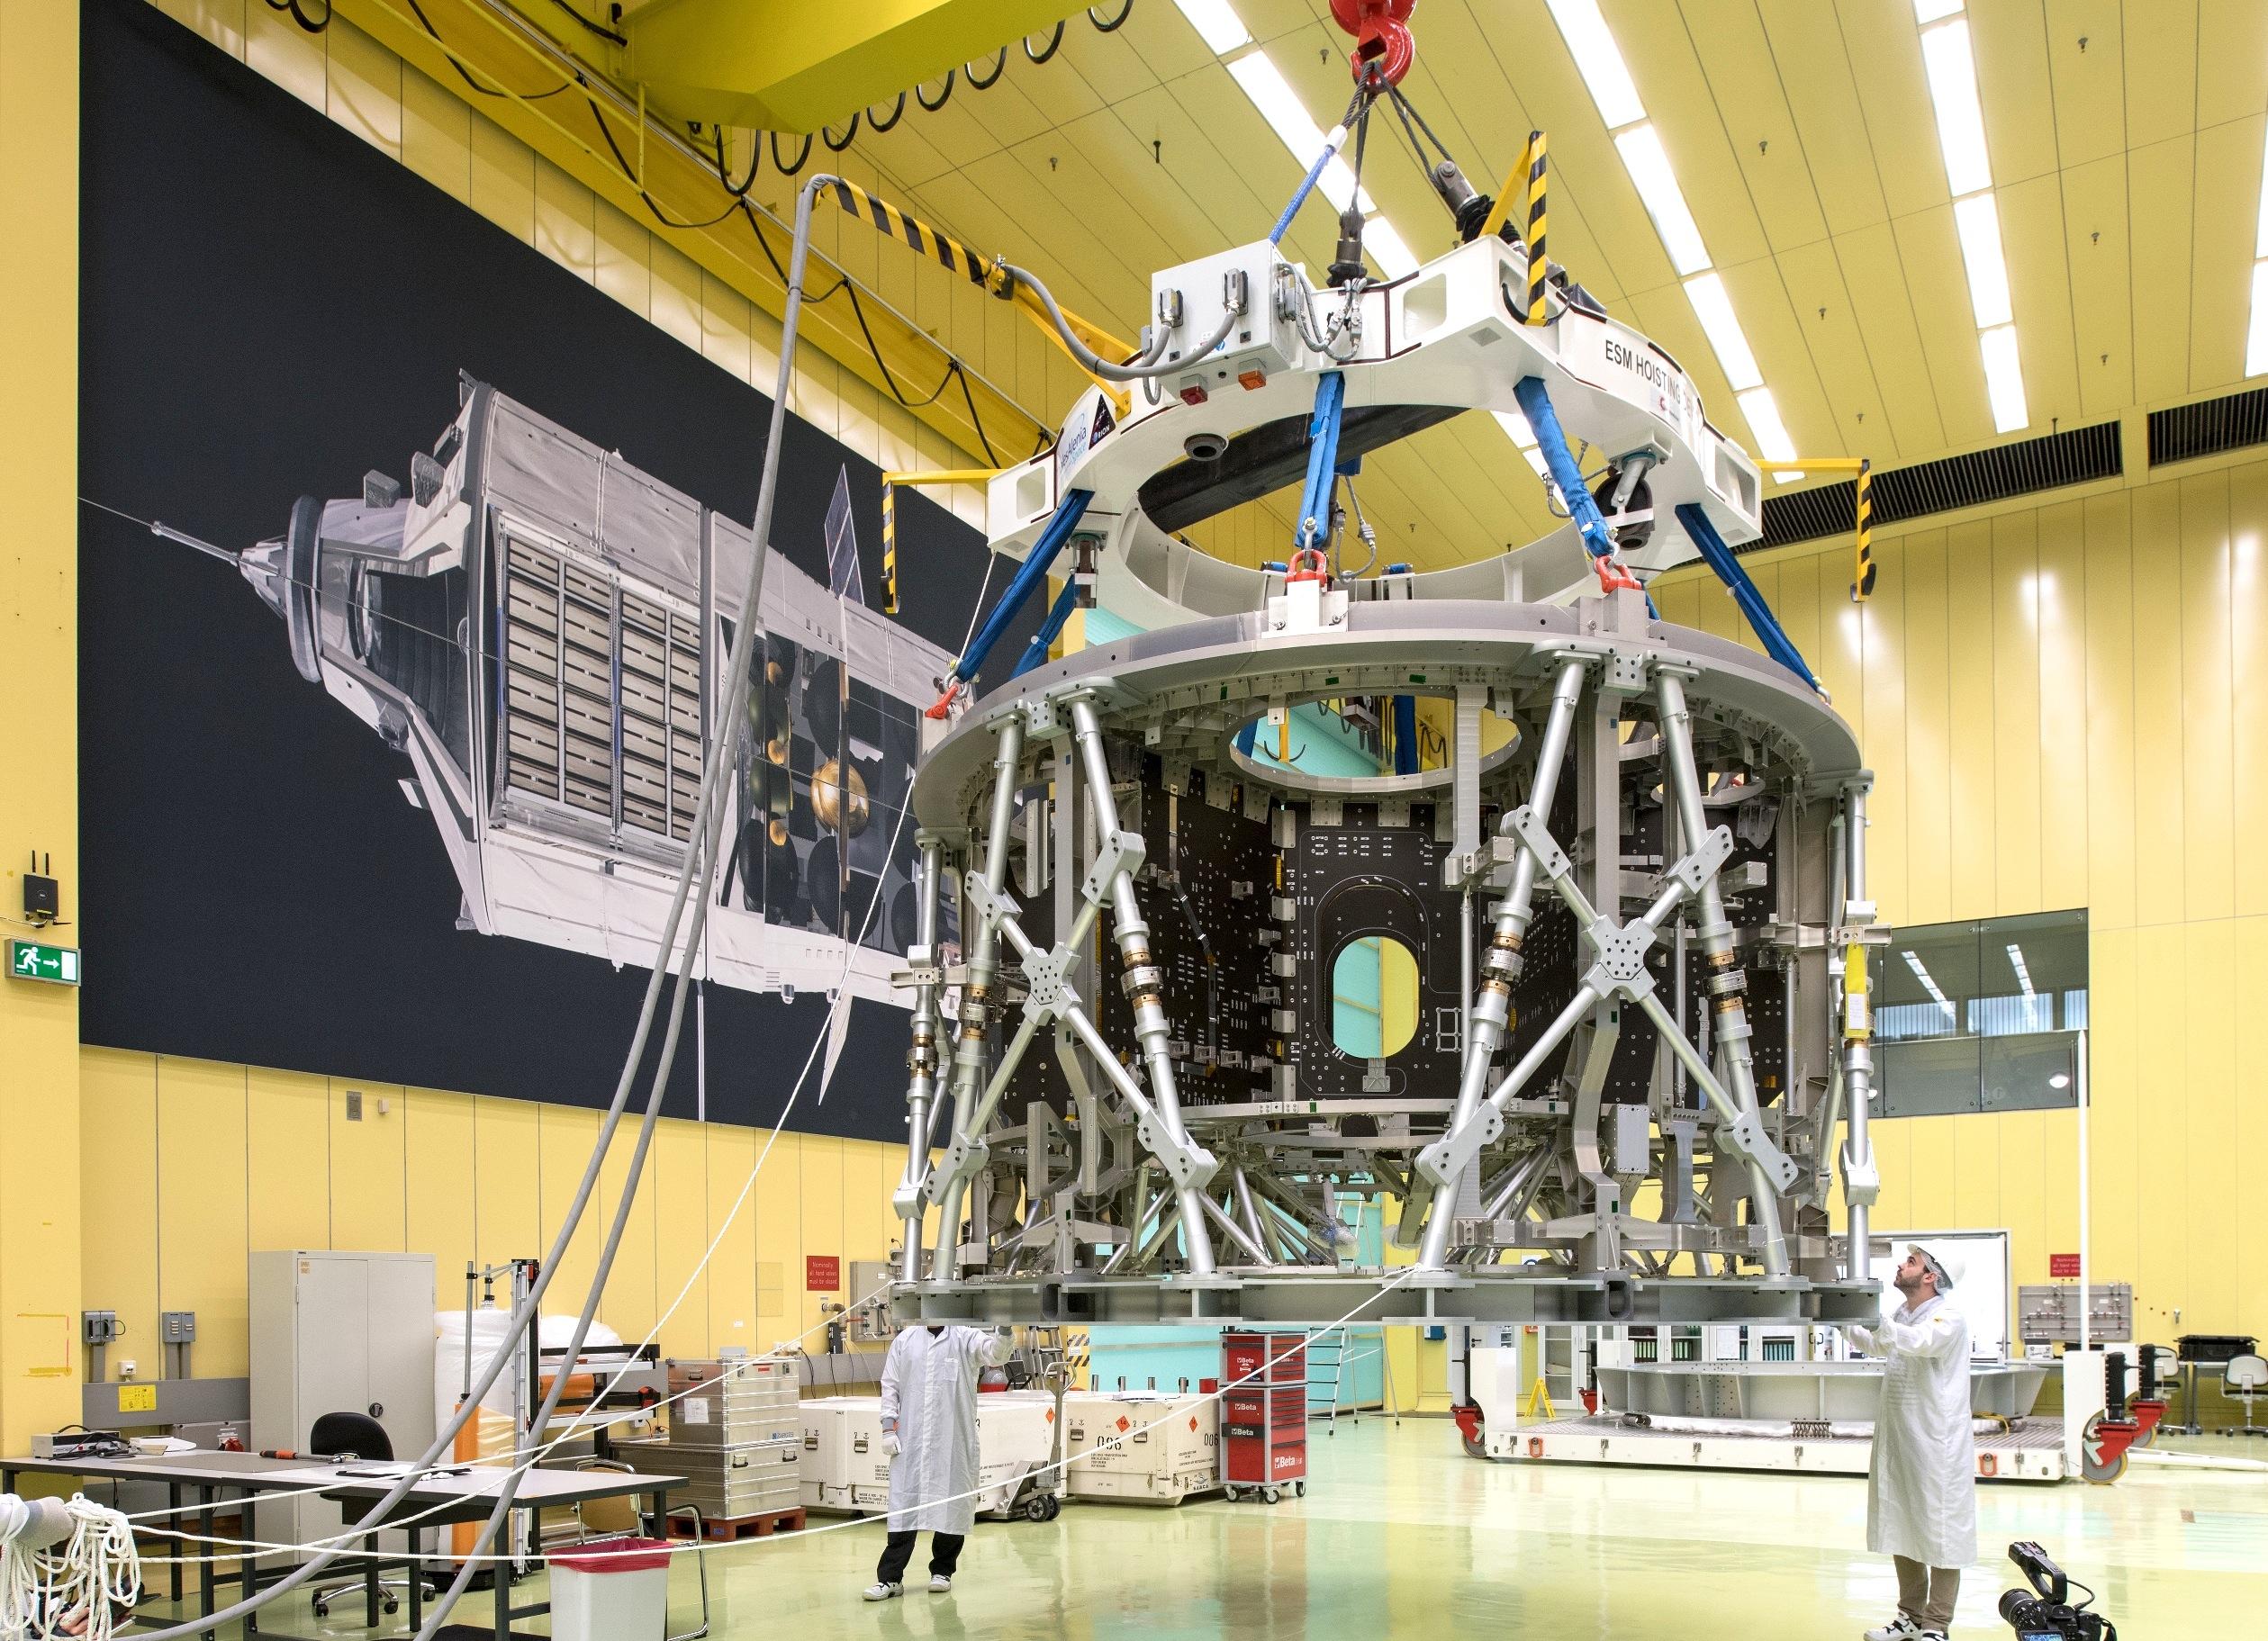 Das Europäische Servicemodul für die Orion-Mission der Nasa wird bei Airbus in Bremen gebaut. Im Bild das erste Modul, das seit Juni im Bau ist und 2018 in einer unbemannten Mission zum Mond fliegt.